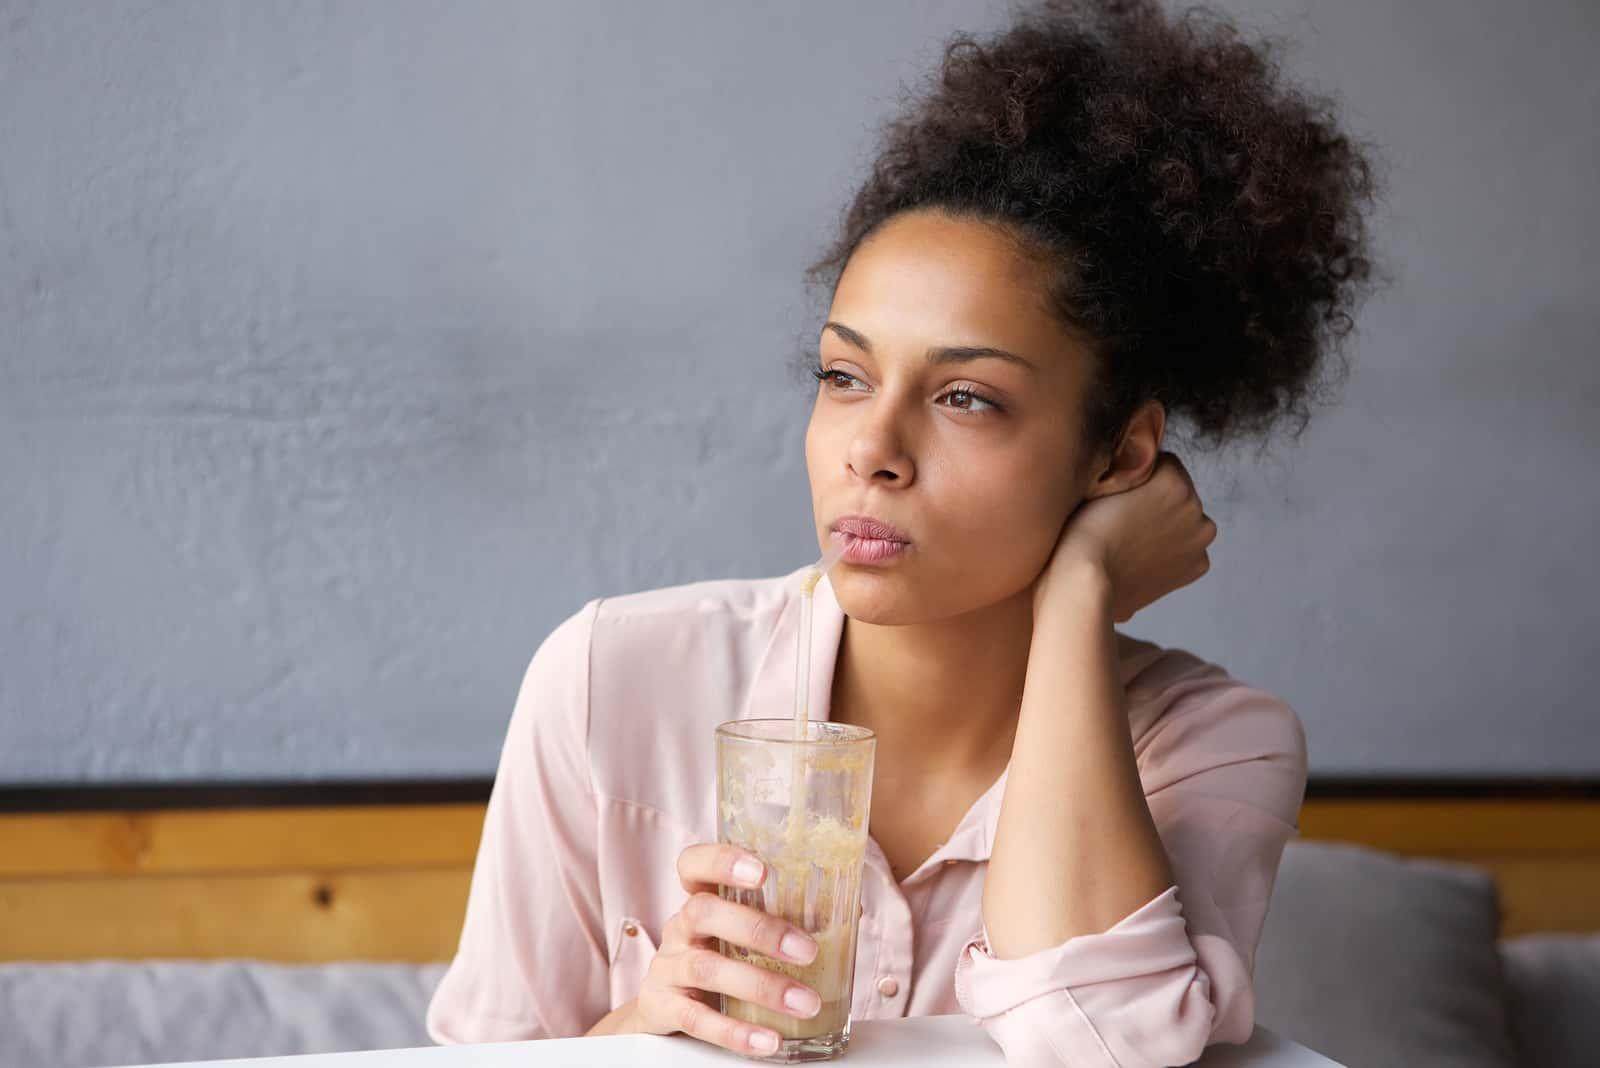 femme buvant milkshake